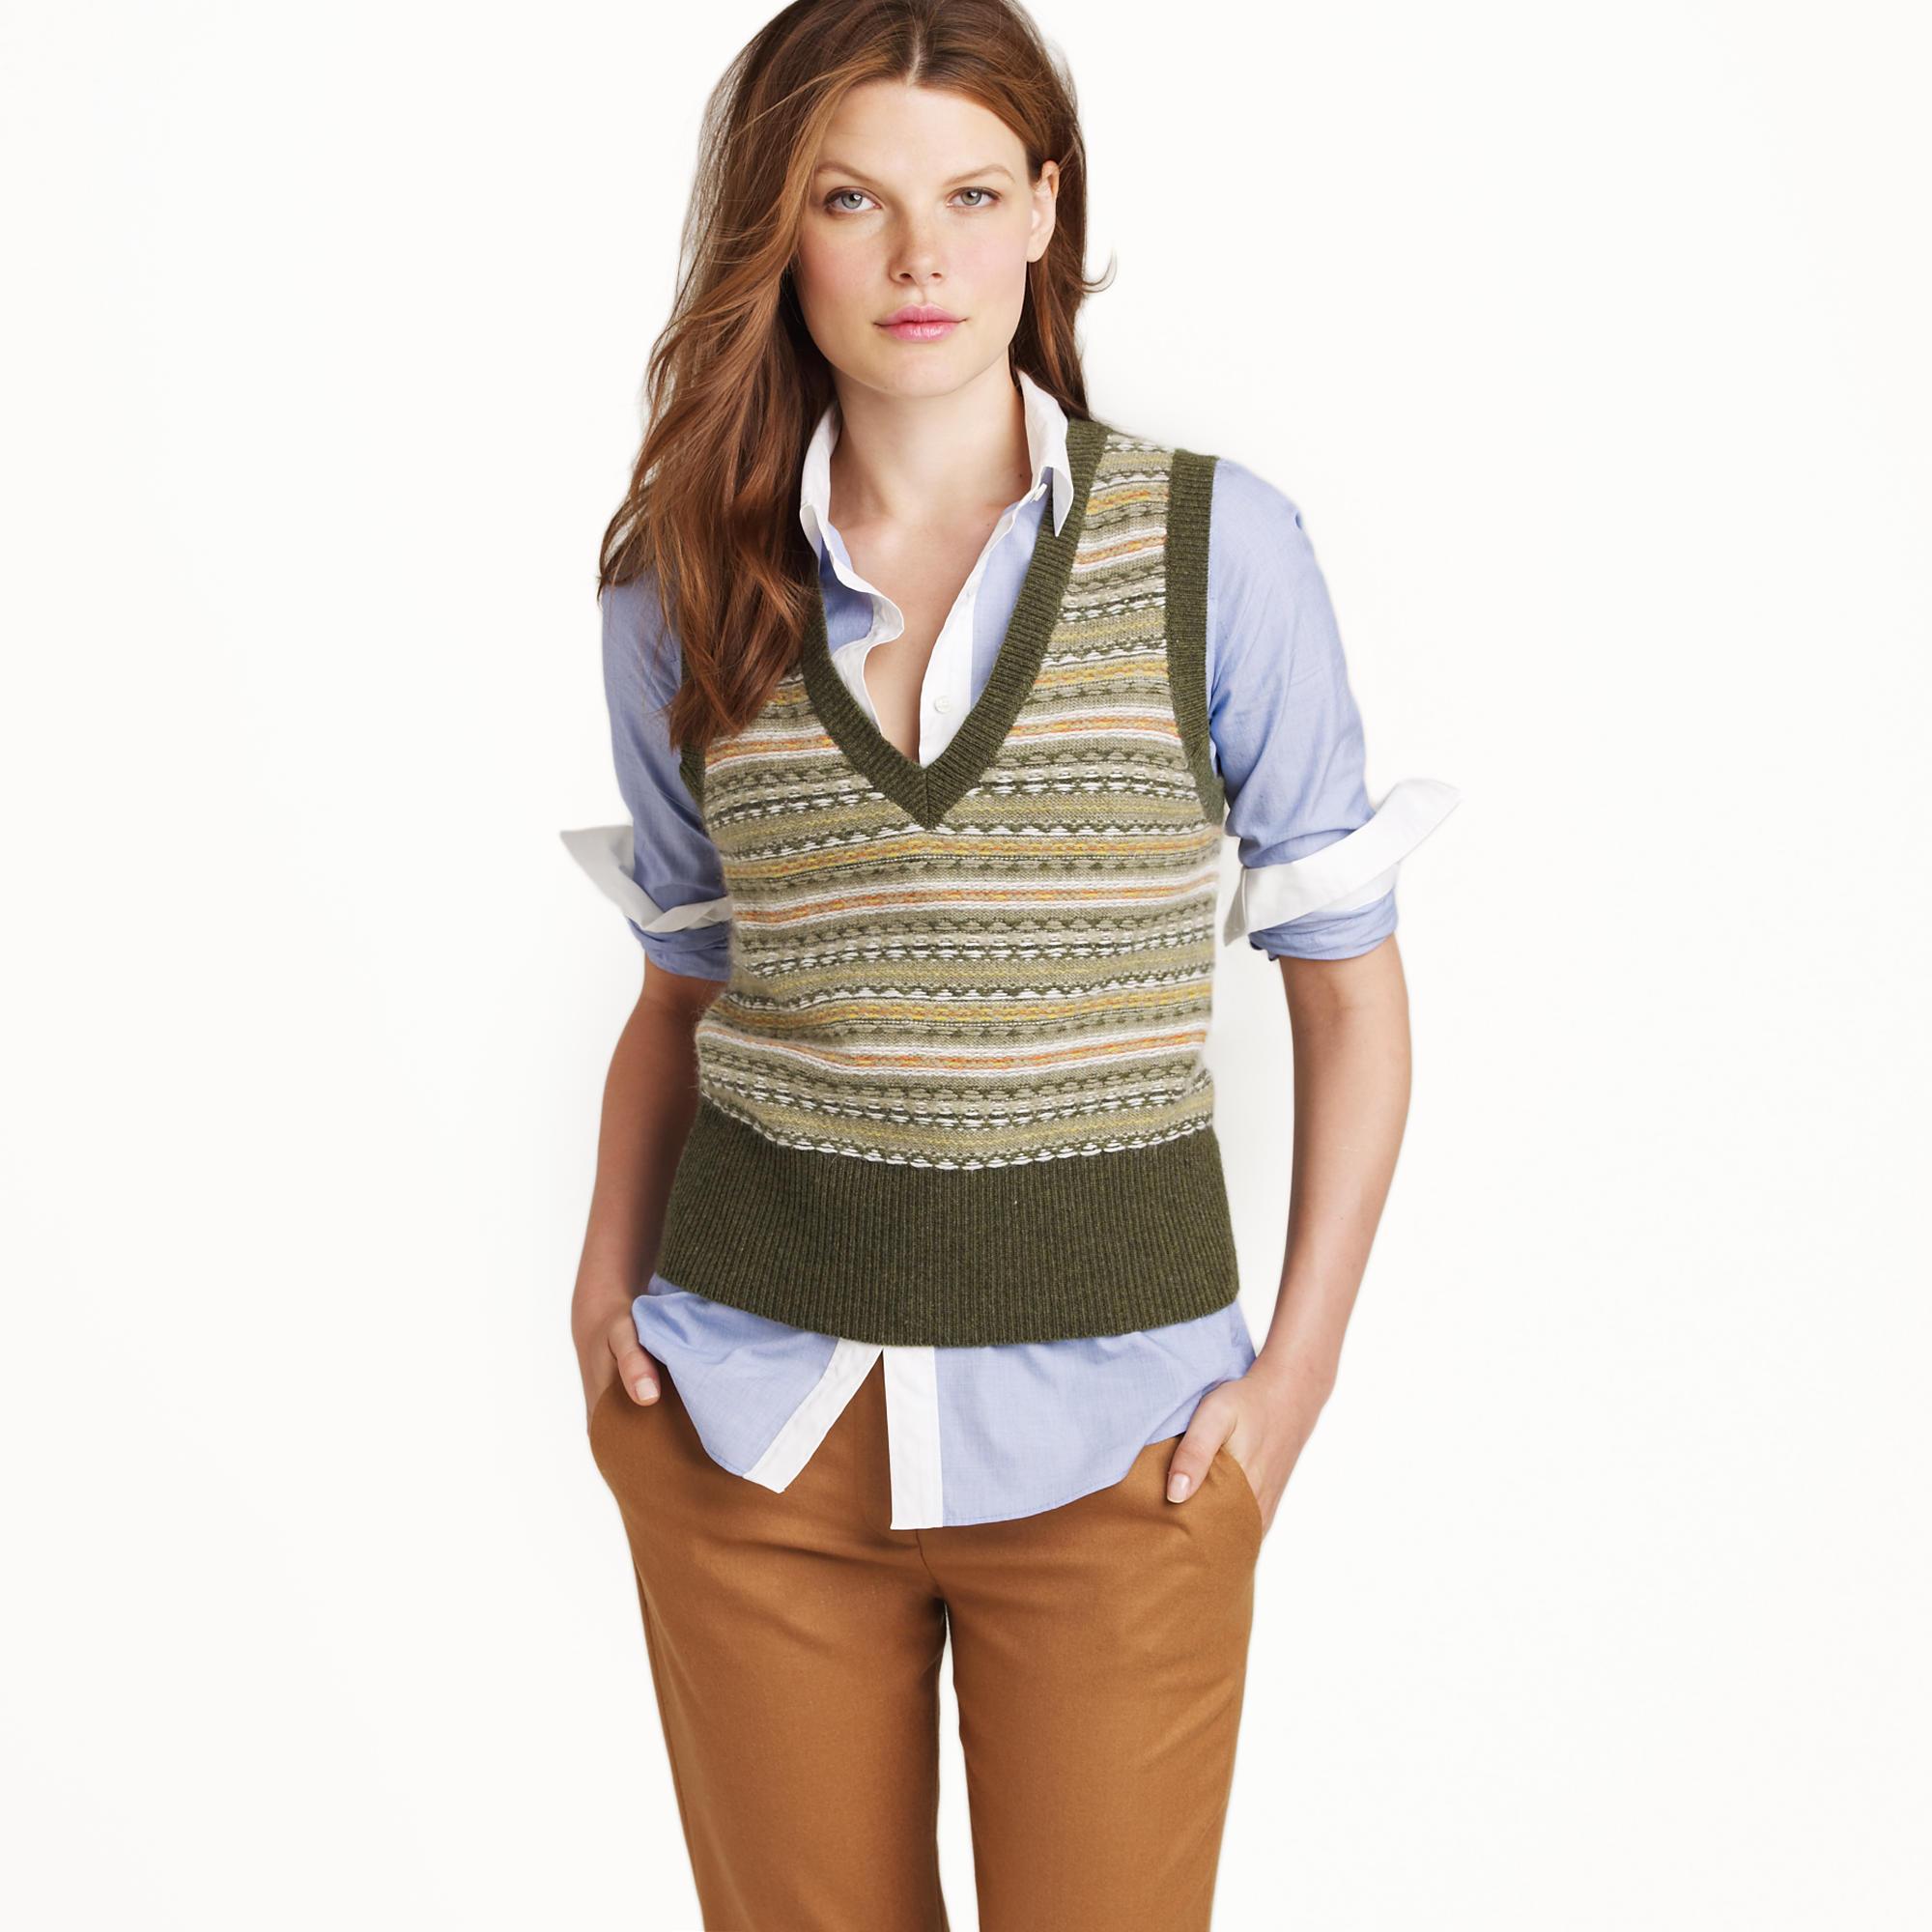 Sweater Vest Women | Dress images